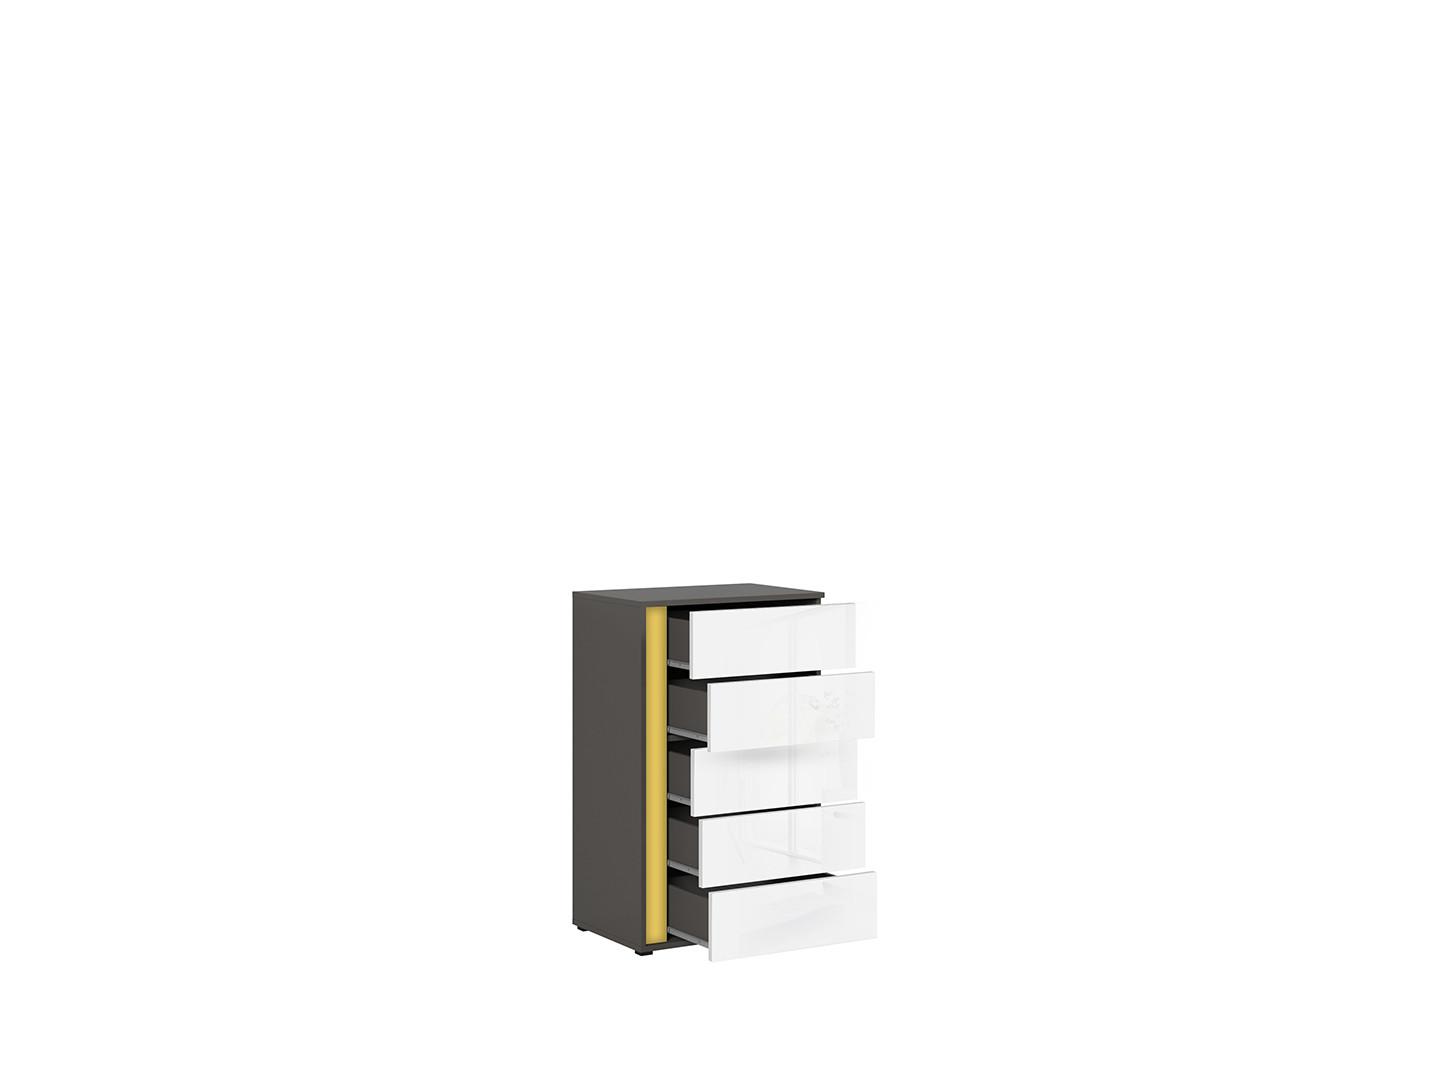 Komoda GRAPHIC KOM5SP/A sivý wolfram/biely vysoký lesk